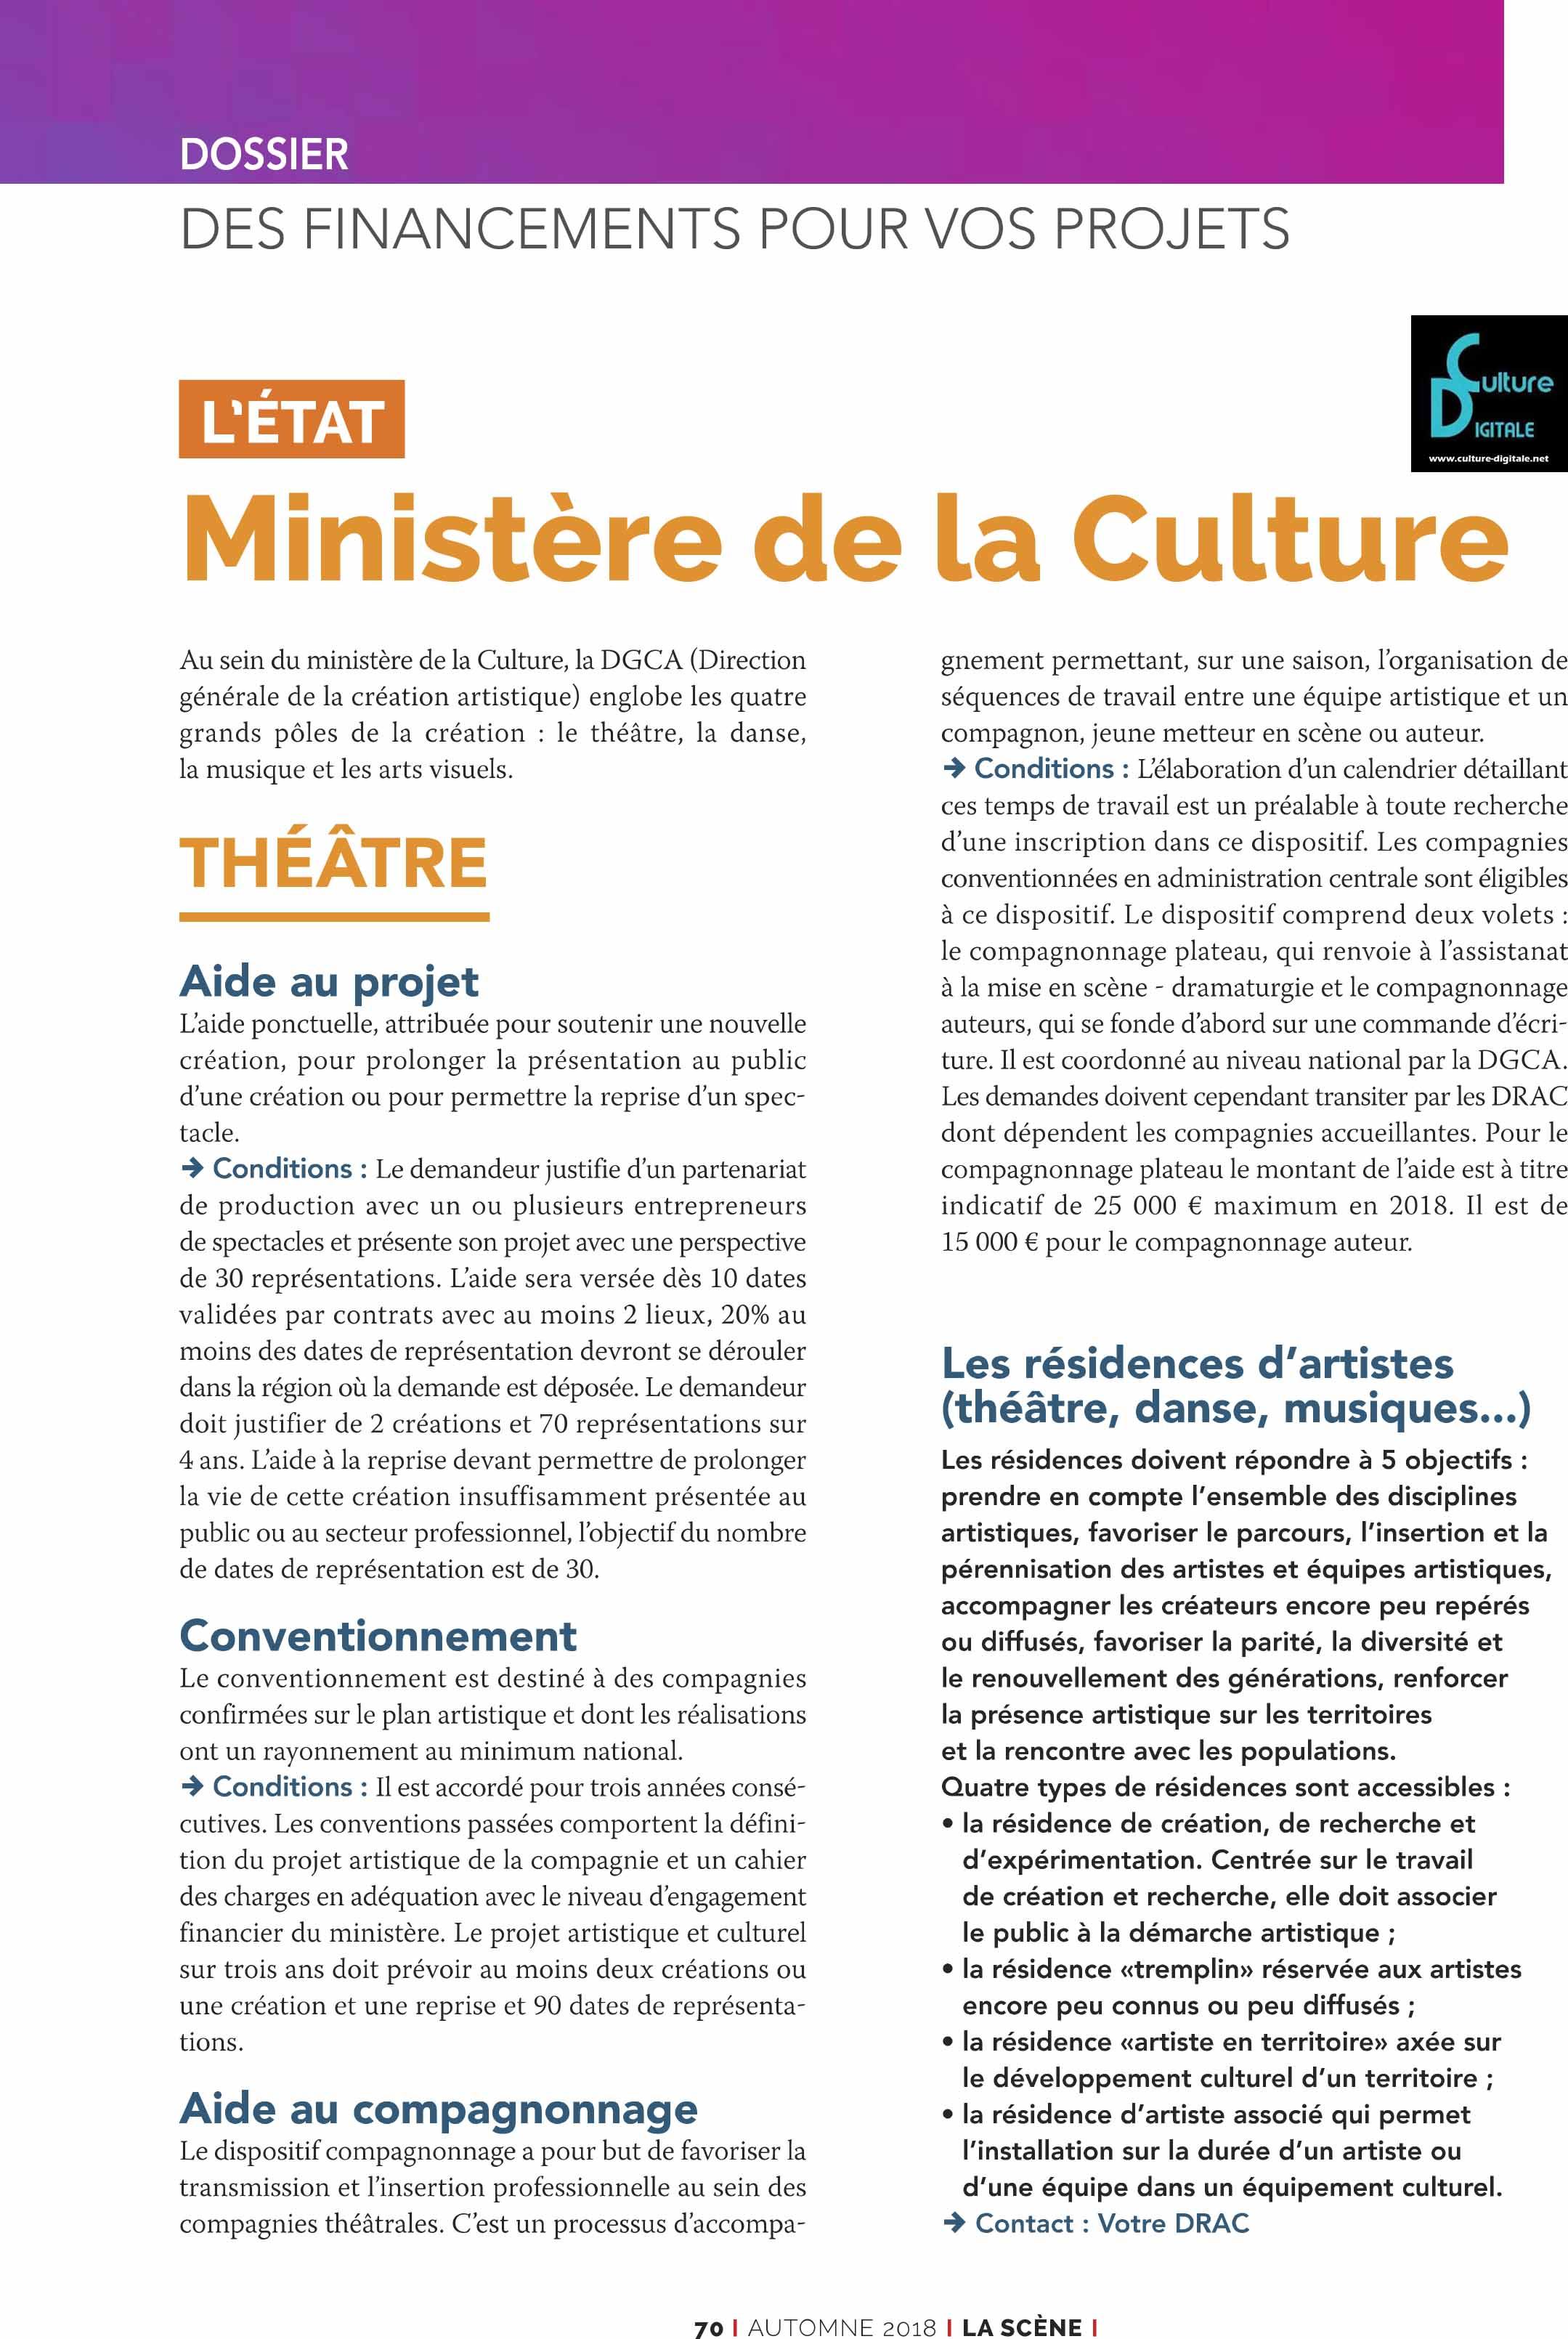 Les financements du Ministère de la Culture Les financements du Ministère de la Culture les financements du ministre de la culture www